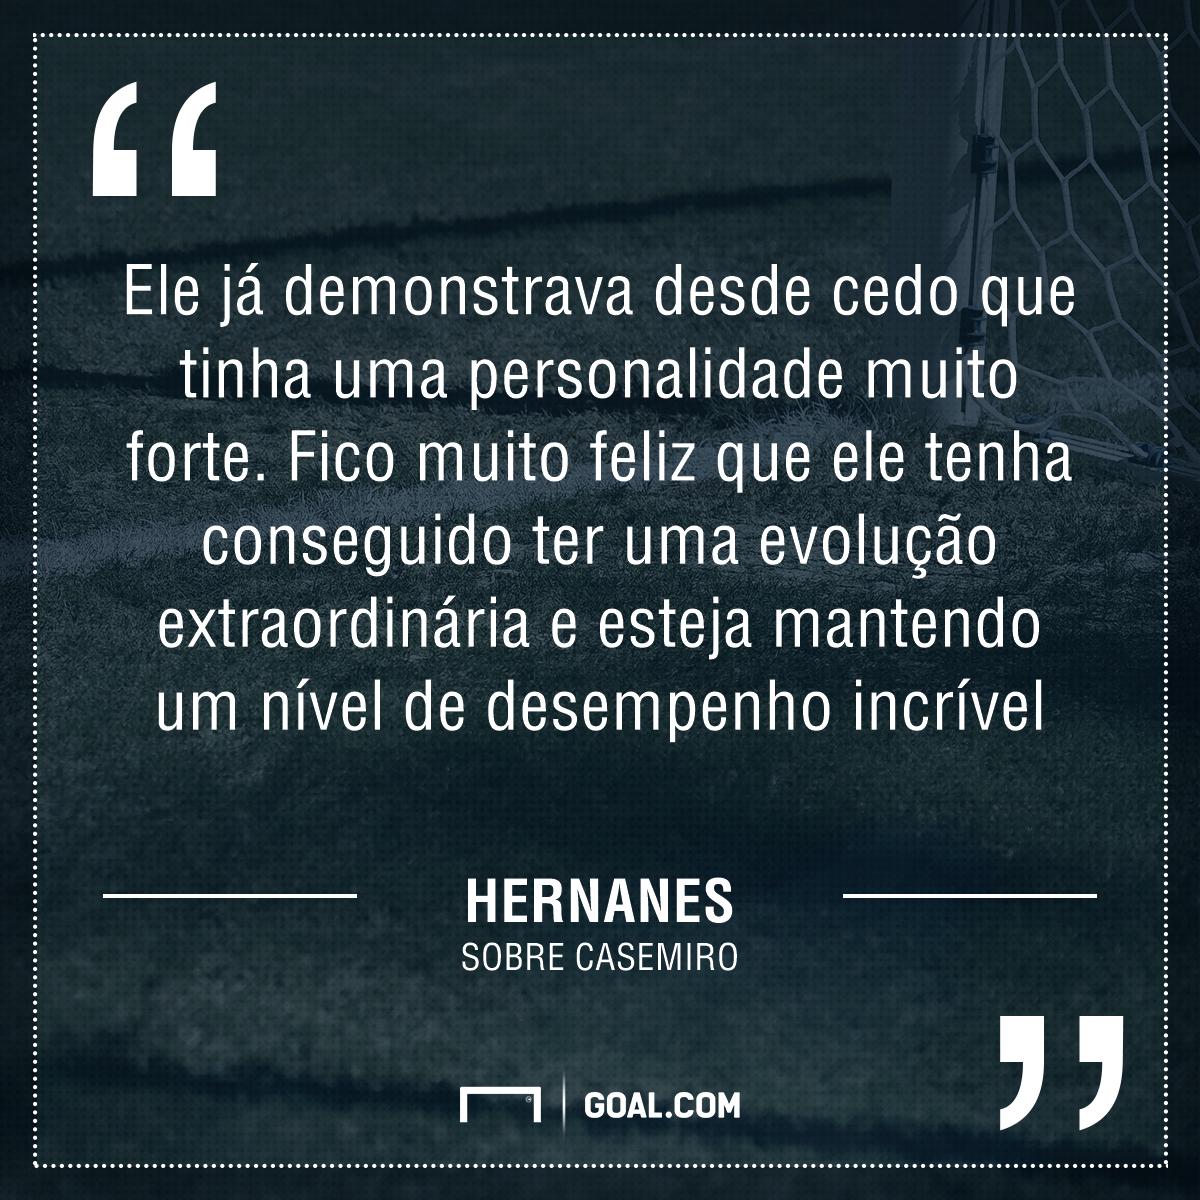 Hernanes / Casemiro PS - 9/11/2017